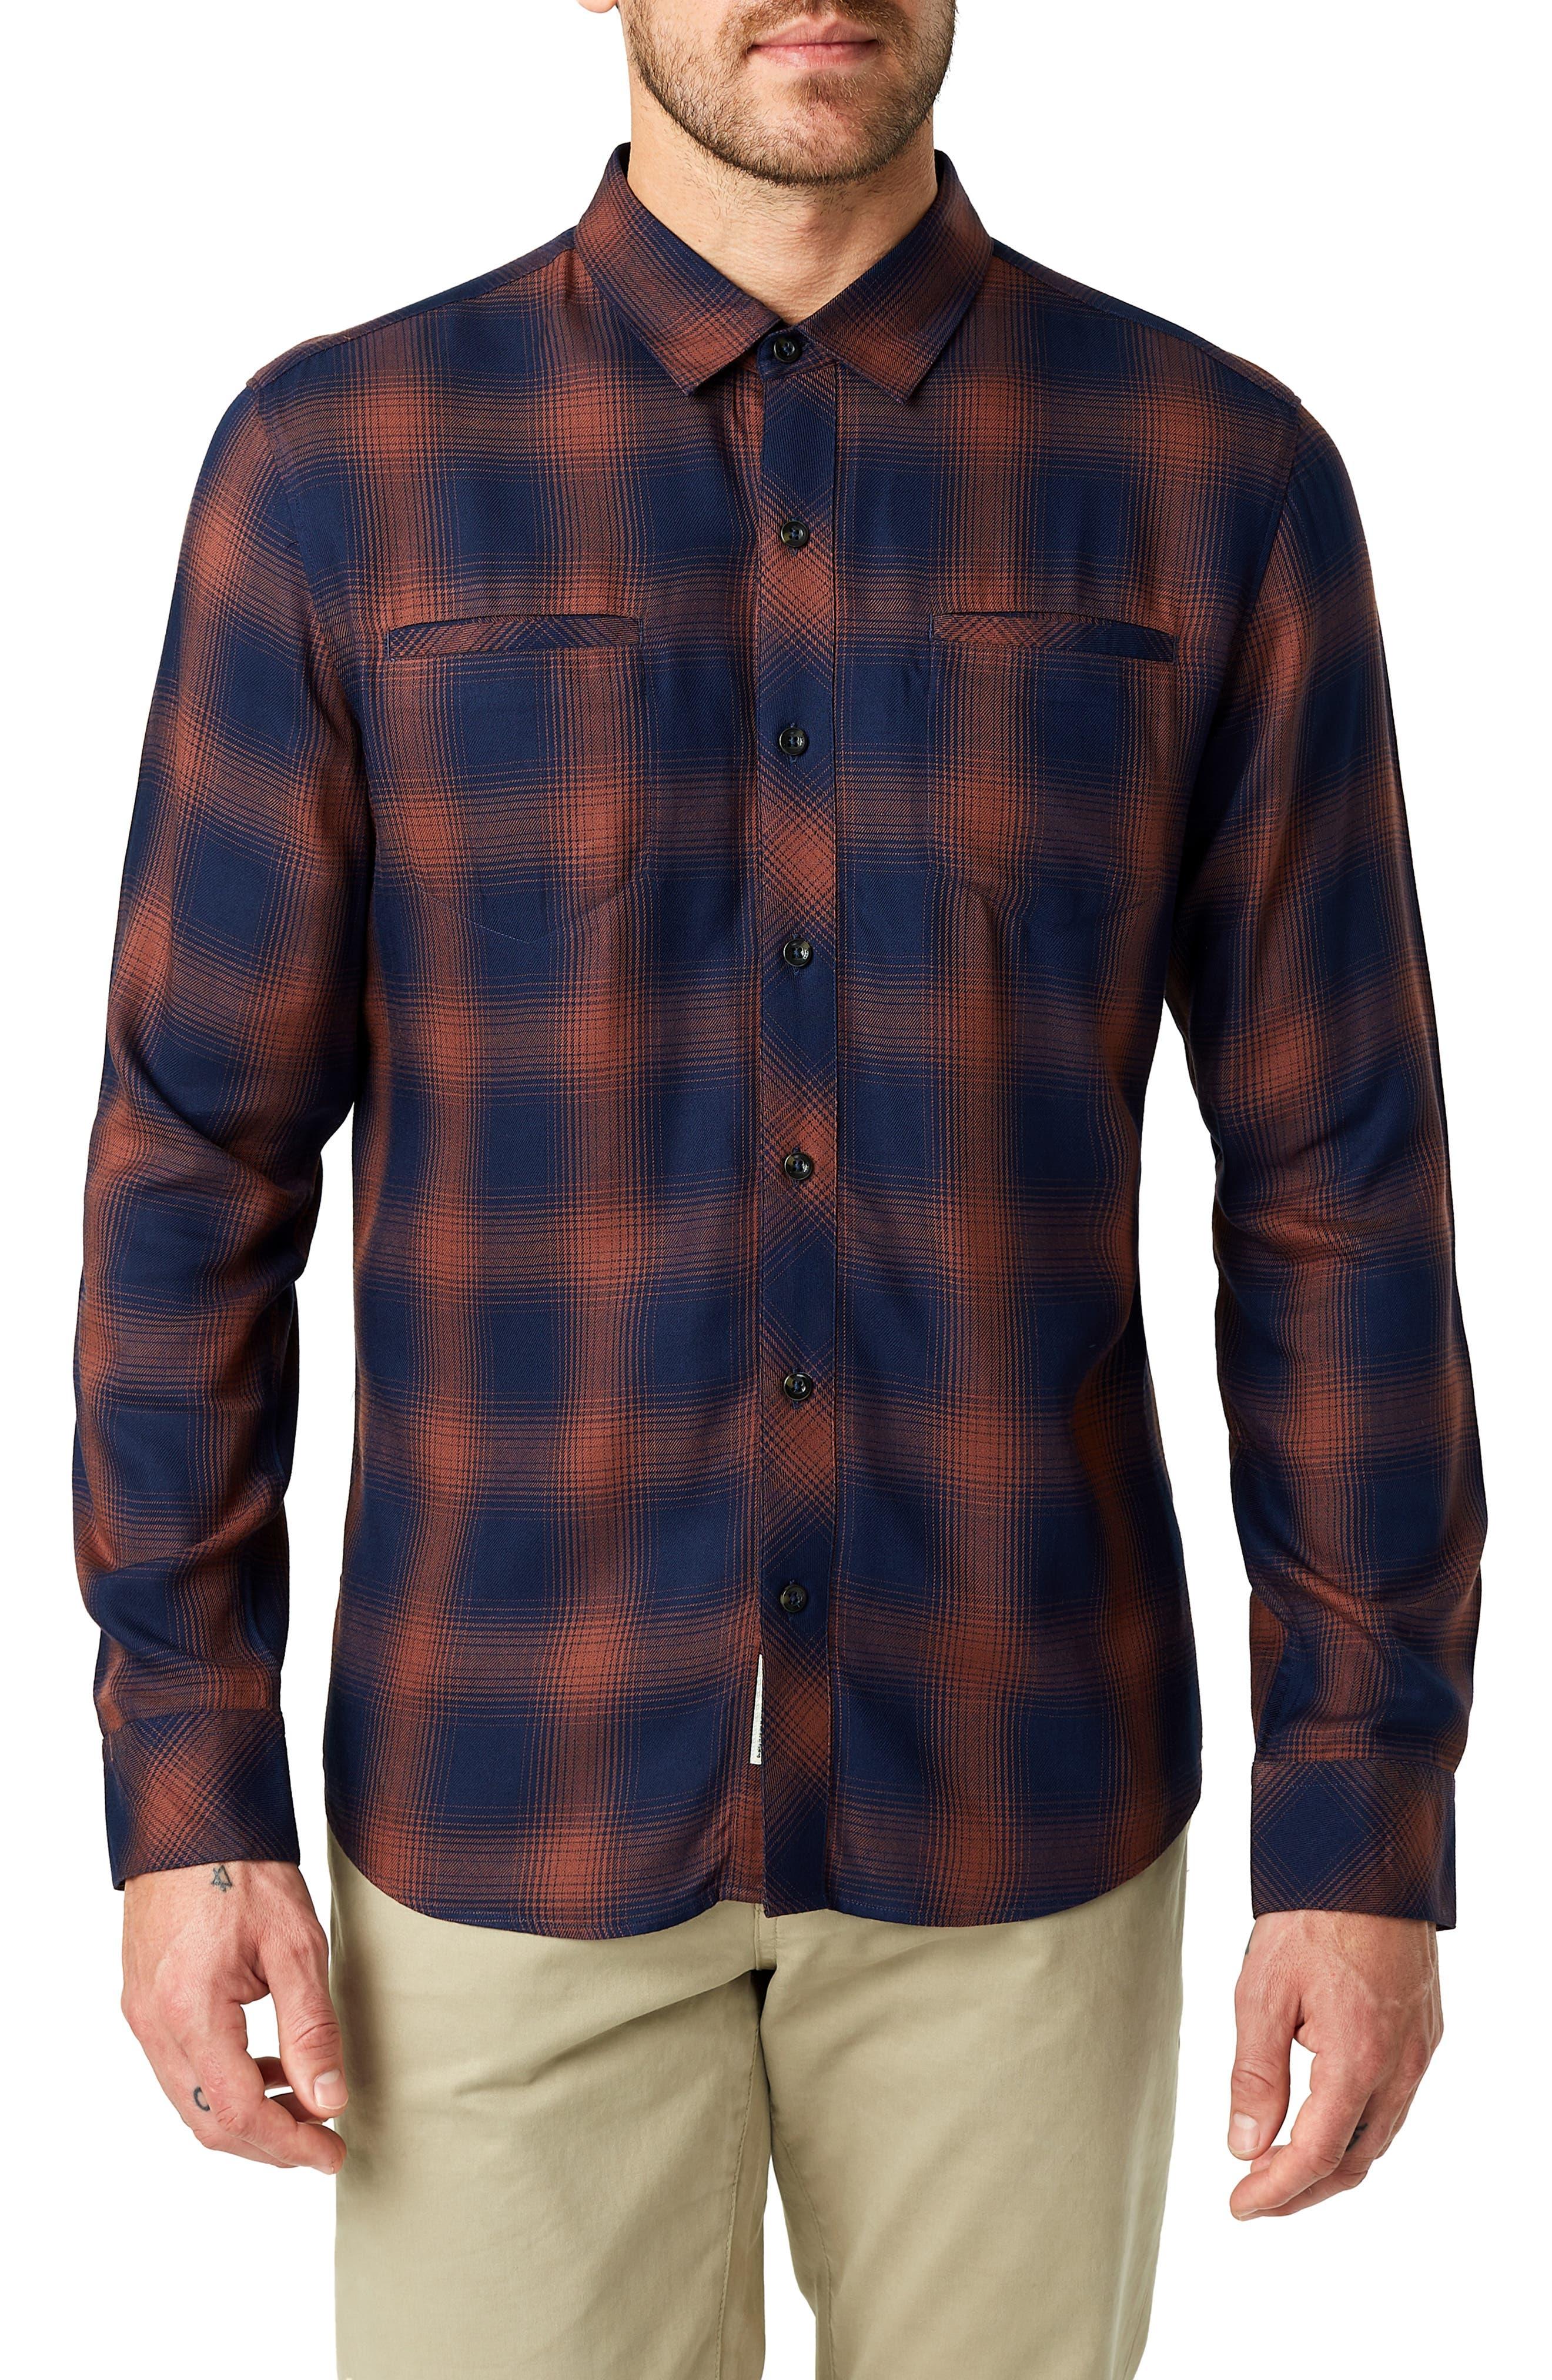 Ewan Trim Fit Flannel Shirt,                         Main,                         color, NAVY CHESTNUT